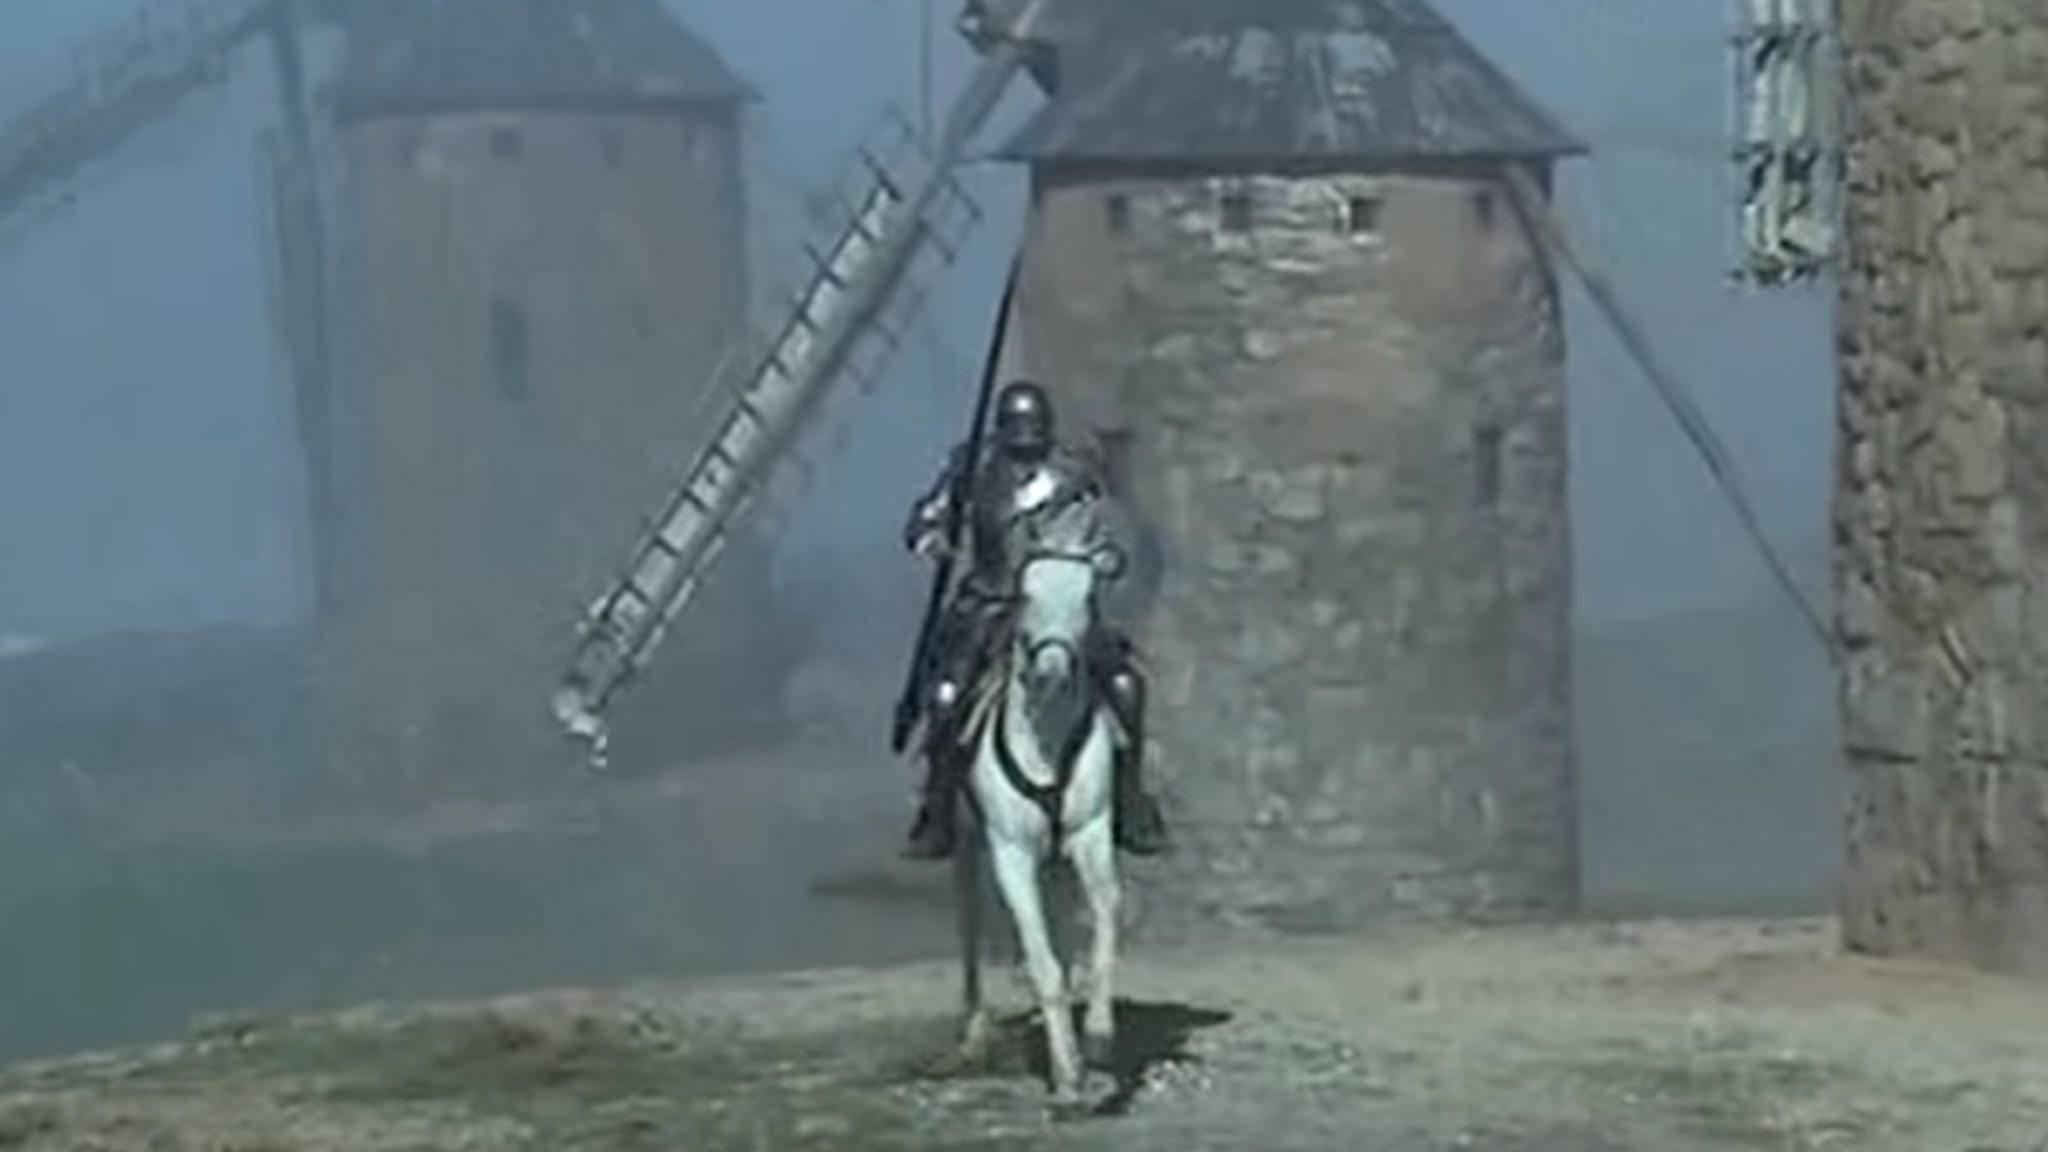 Don Quijotes Kampf gegen Windmühlen ist weltbekannt und wurde bereits mehrfach verfilmt (hier in einer spanischen Fernsehserie von 1992).